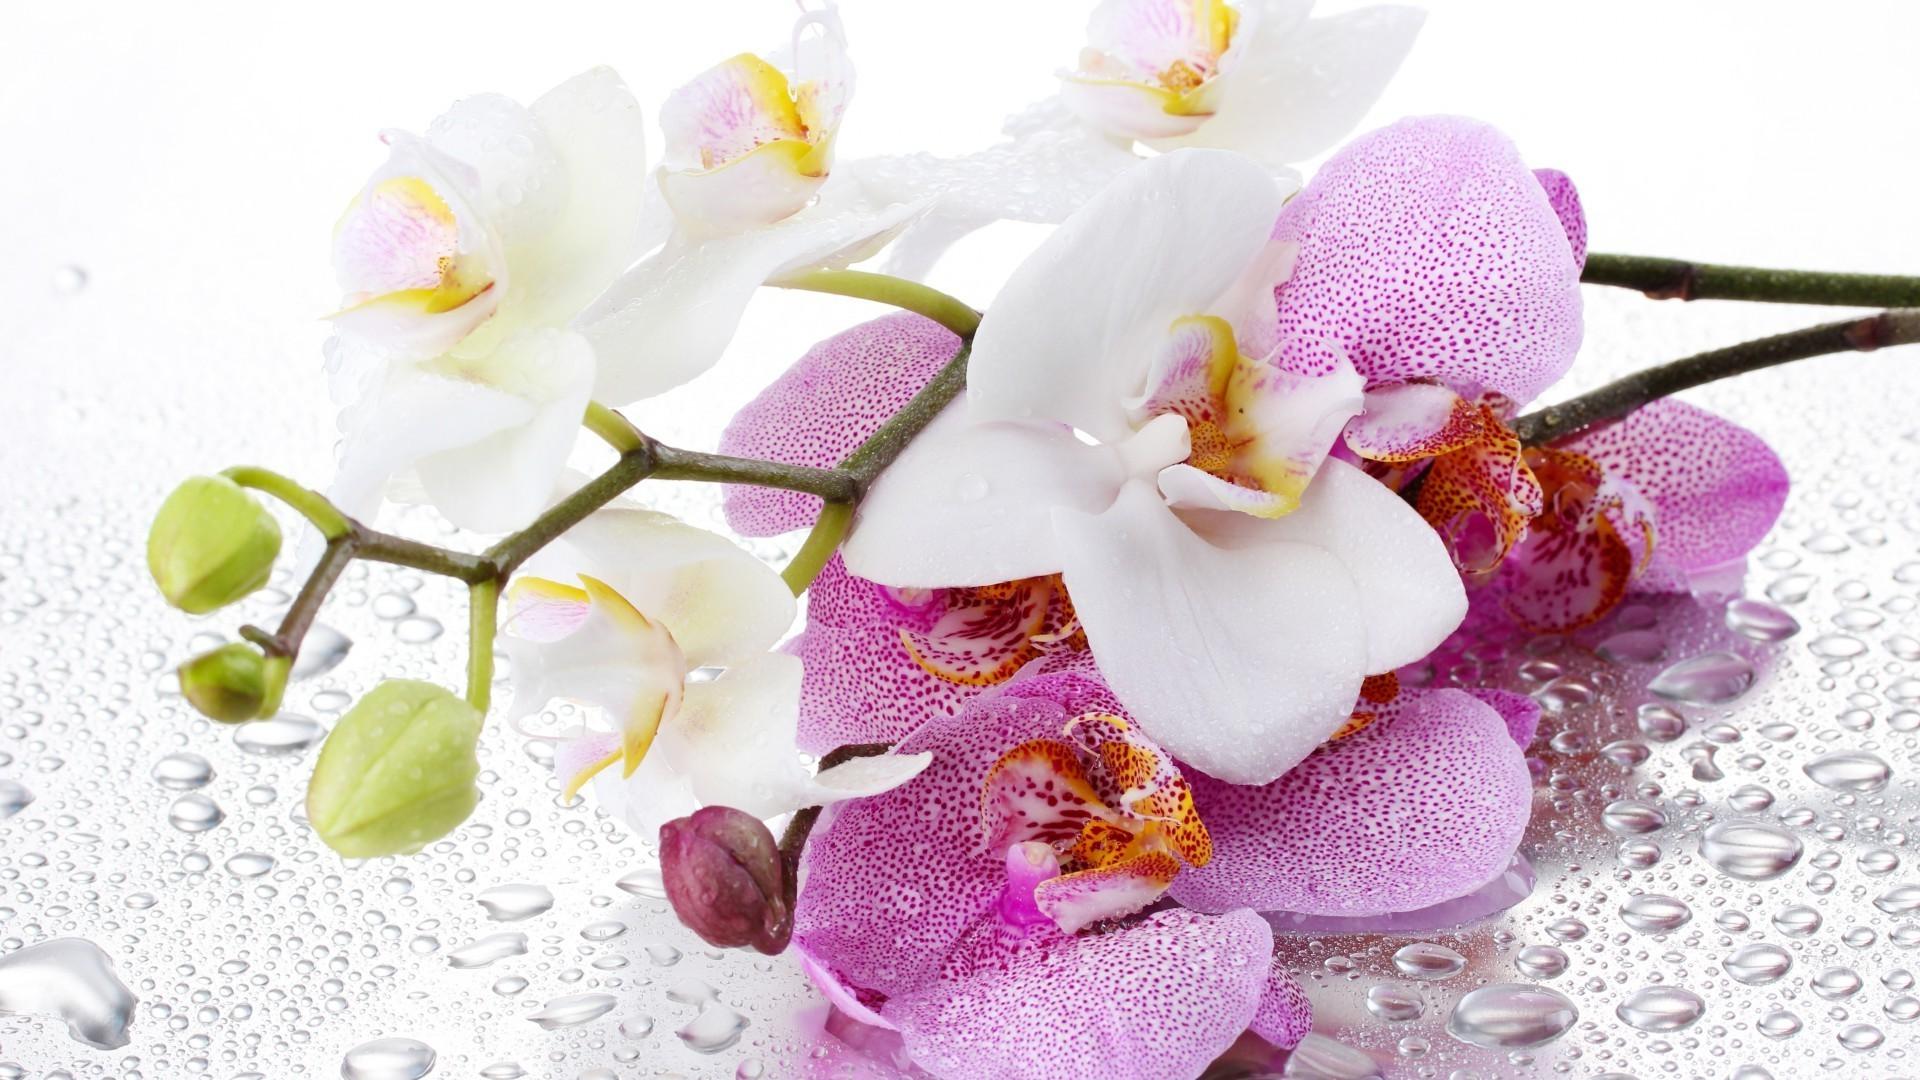 цветы, орхидея, белая в хорошем качестве